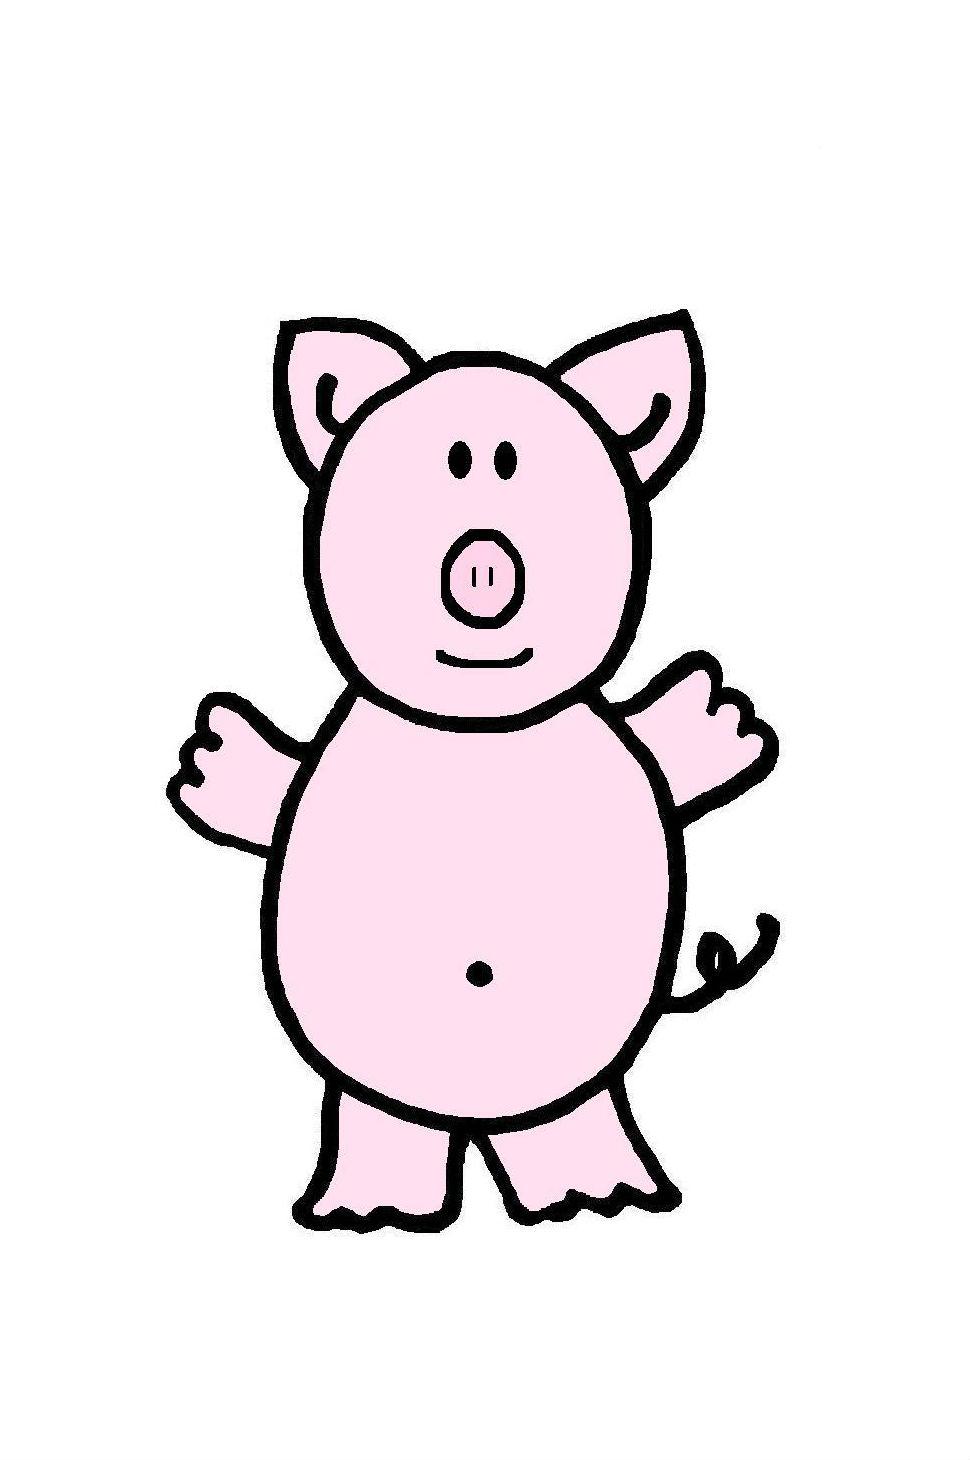 Mr. Piggles